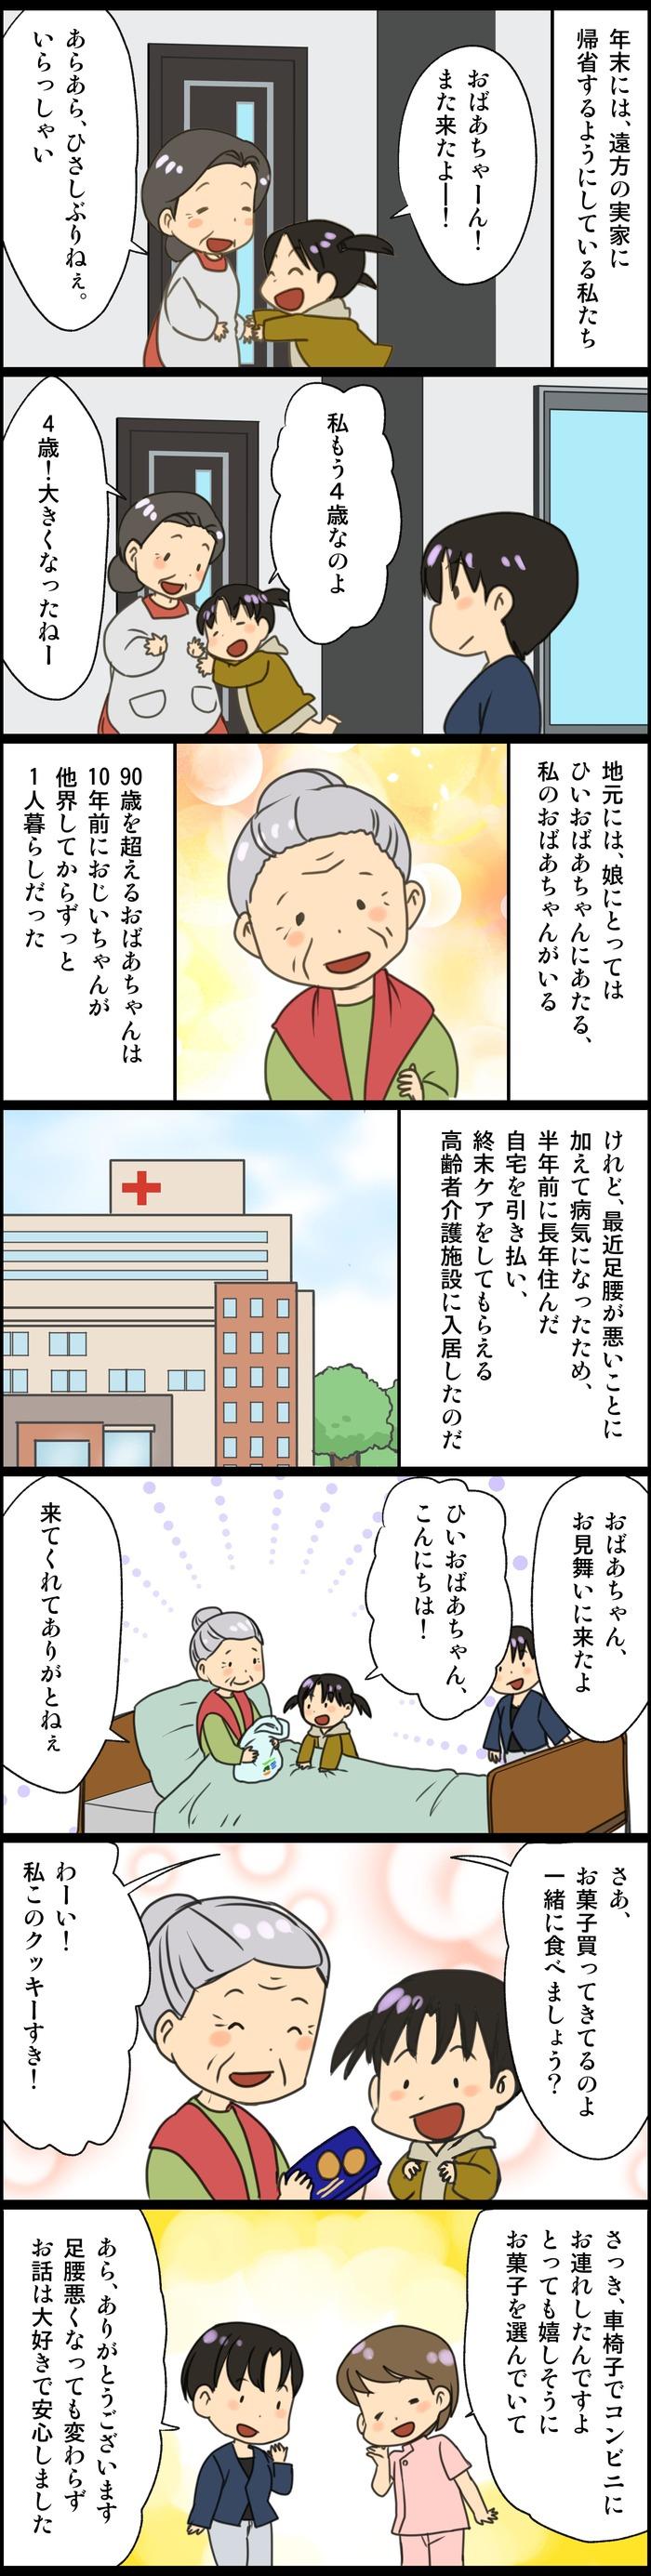 「千羽鶴を作りたい!」終末ケアを受ける祖母へ、娘の想いに考えさせられたことの画像1